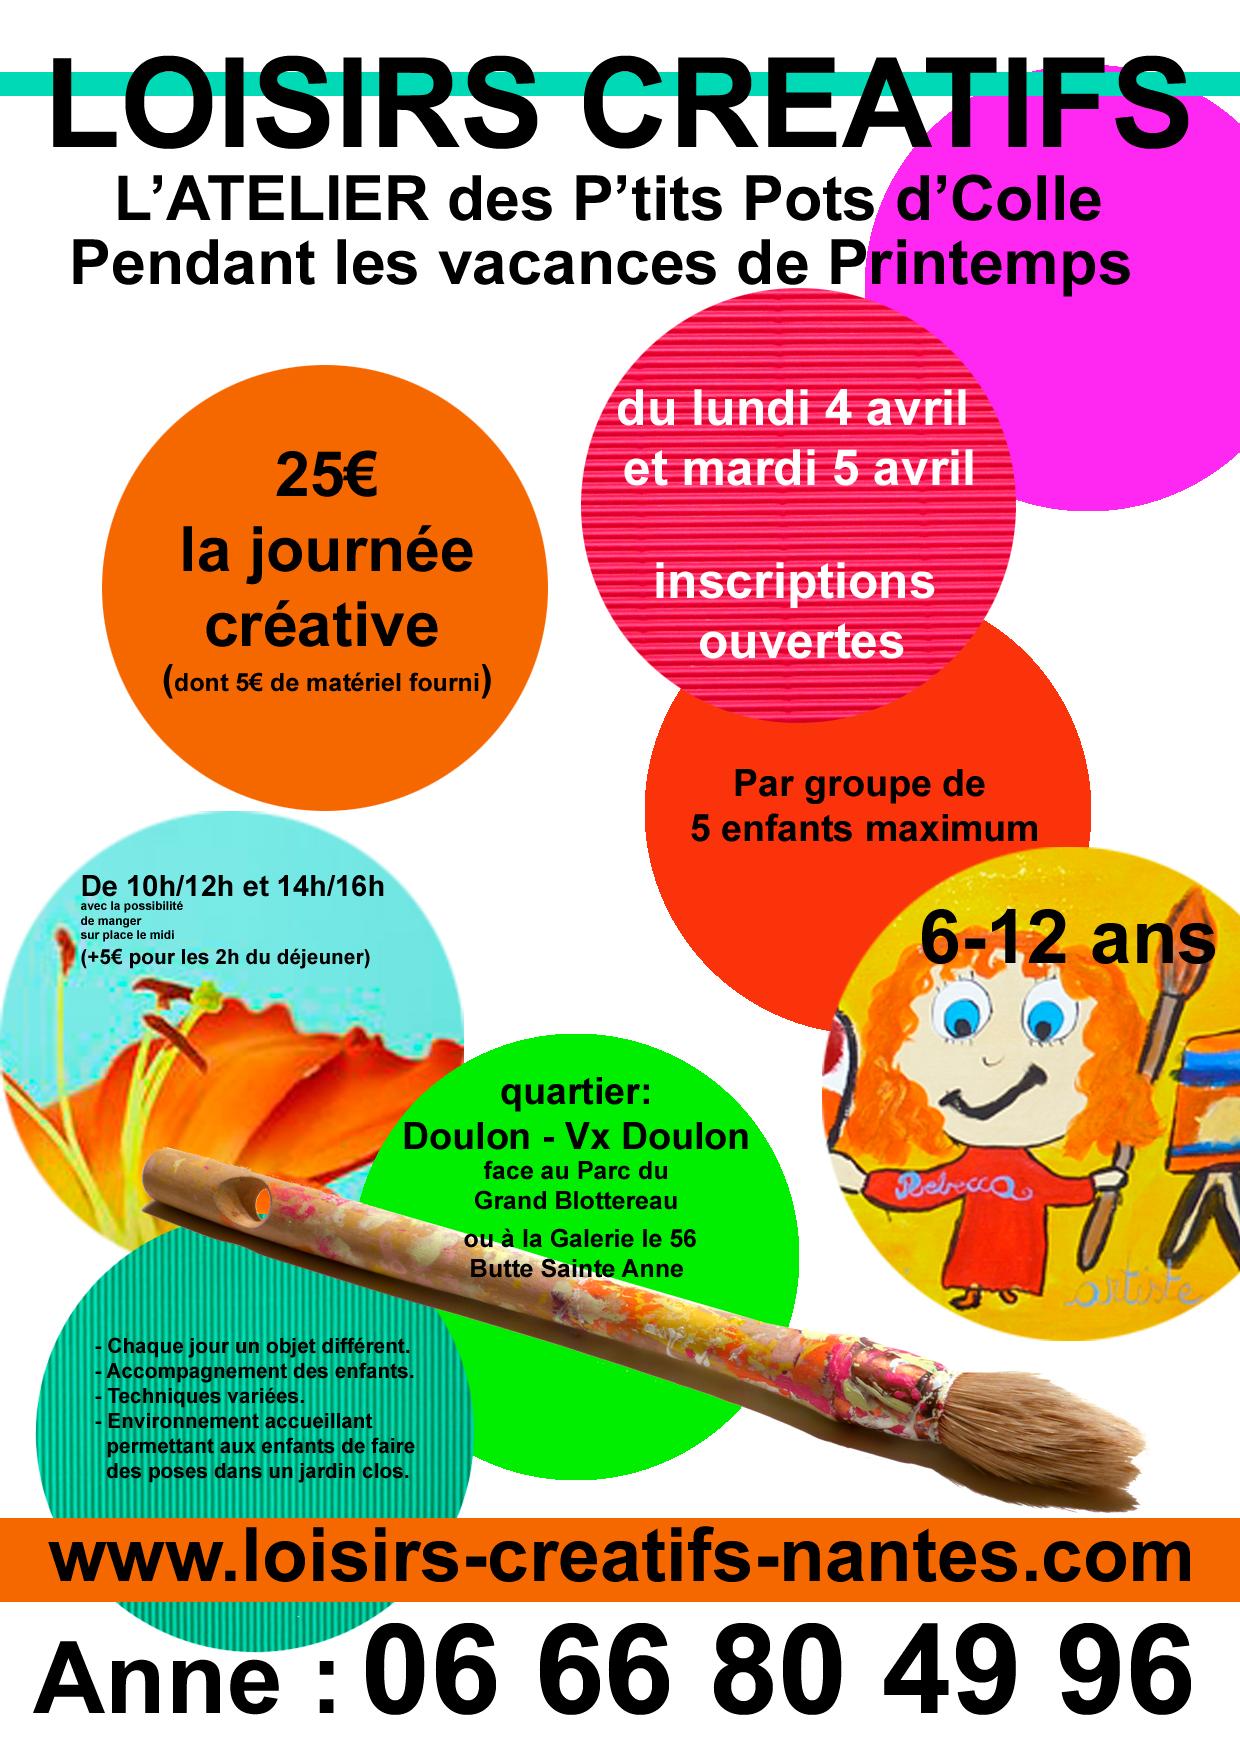 LOISIRS CREATIFS-NANTES-Anne HERVY-Atelier des p'tits pots d'colle